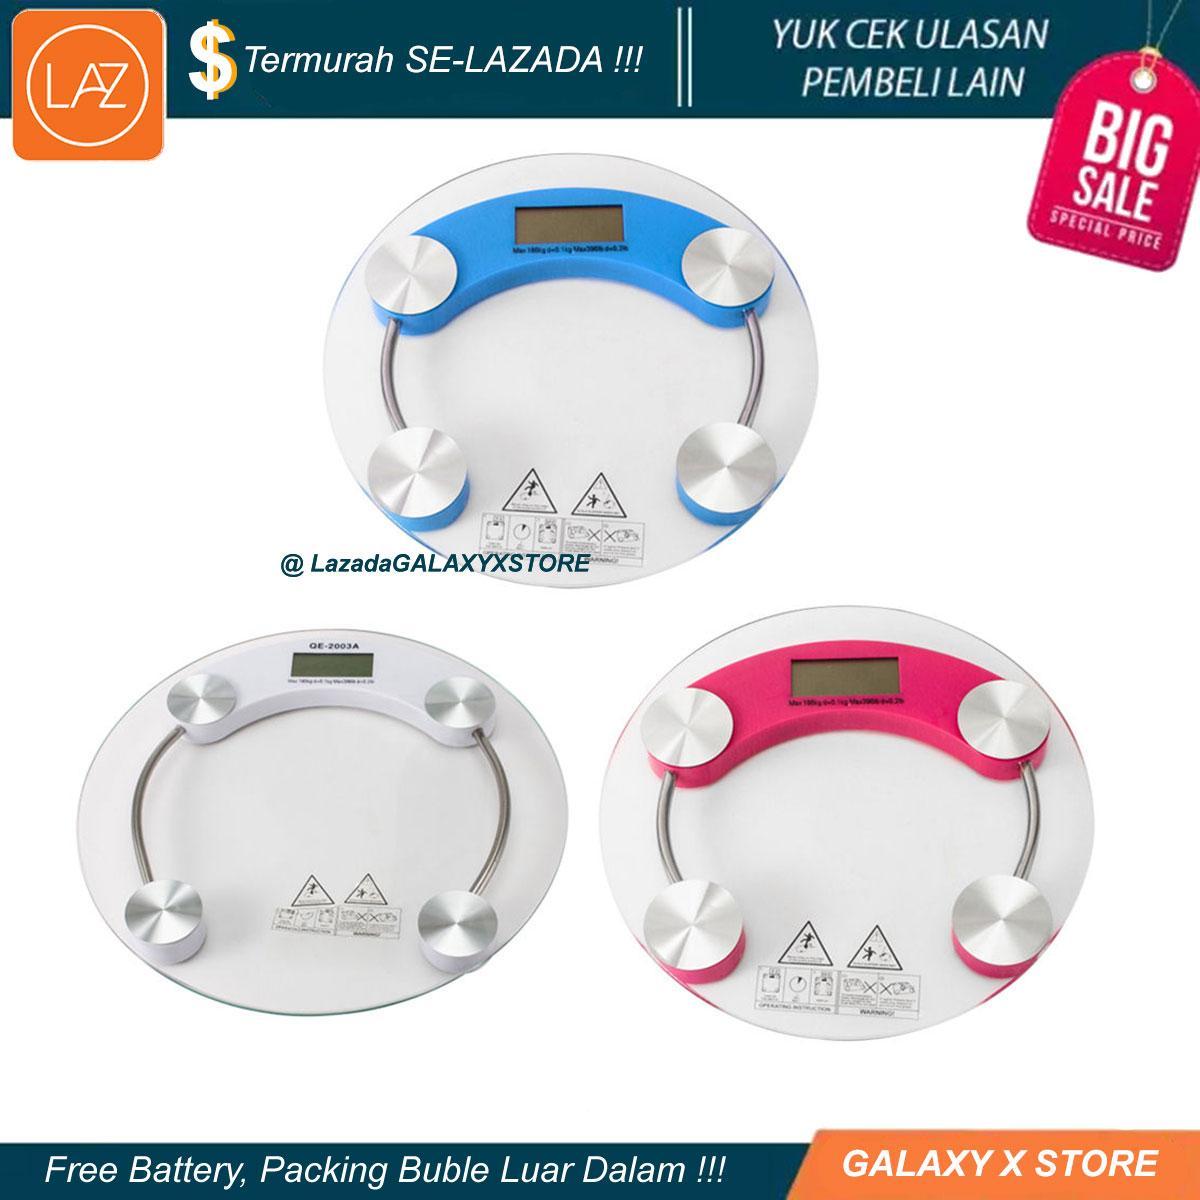 Harga Timbangan Digital Personal Scale Termurah Obat Kuat Badan Max 180kg Diameter Jumbo 33cm Circle Warna Bulat Bundar Tempered Glass